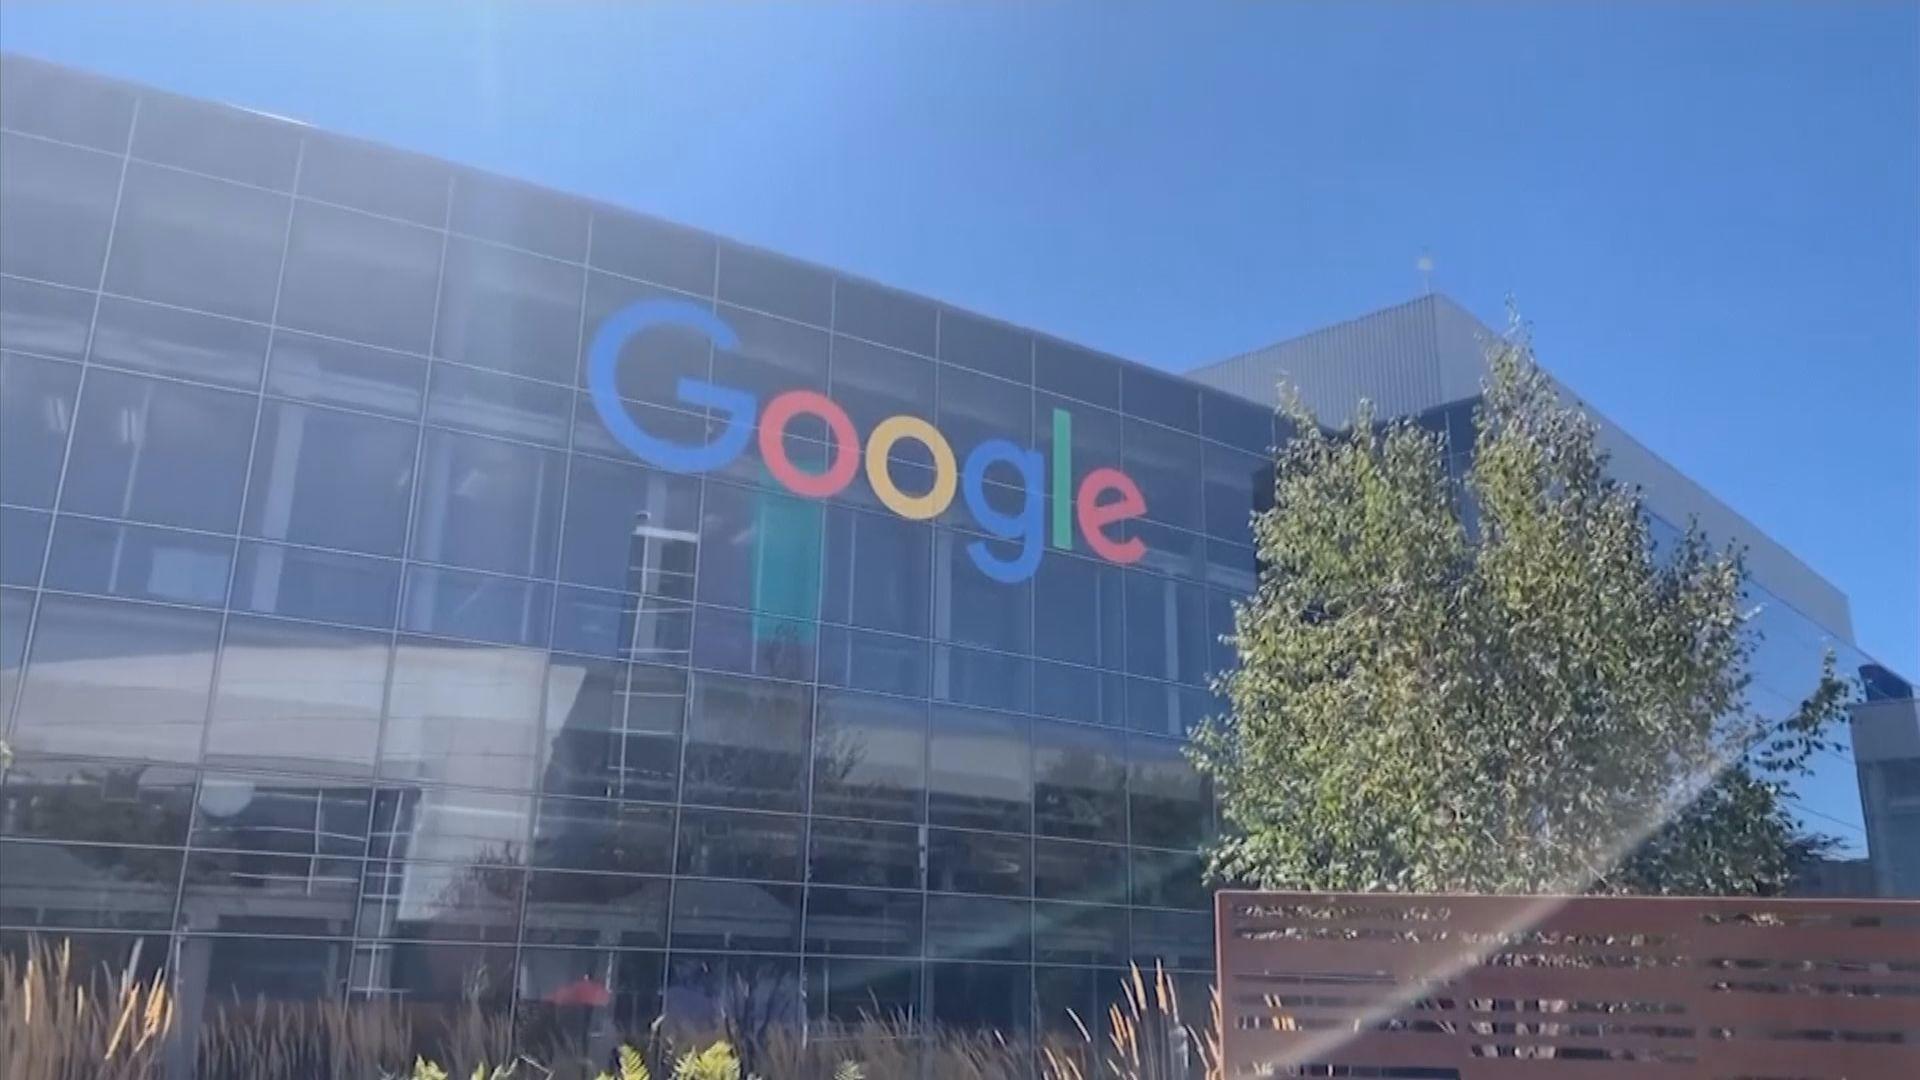 Google不滿澳洲推新聞付費威脅停止搜尋服務 莫里森指不會屈服